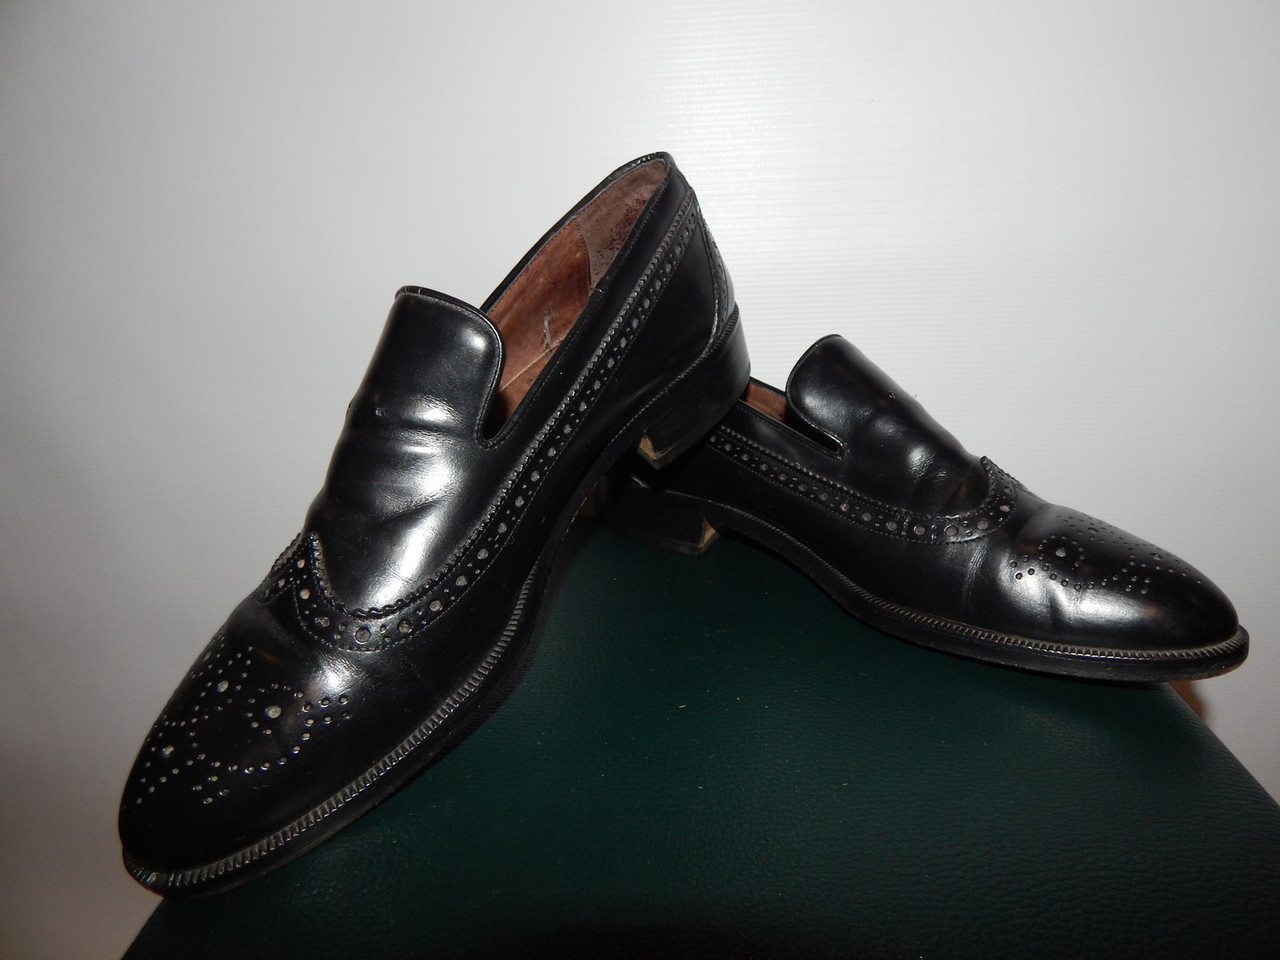 Мужские туфли Bally р.41 кожа 022TFM - Интернет-магазин